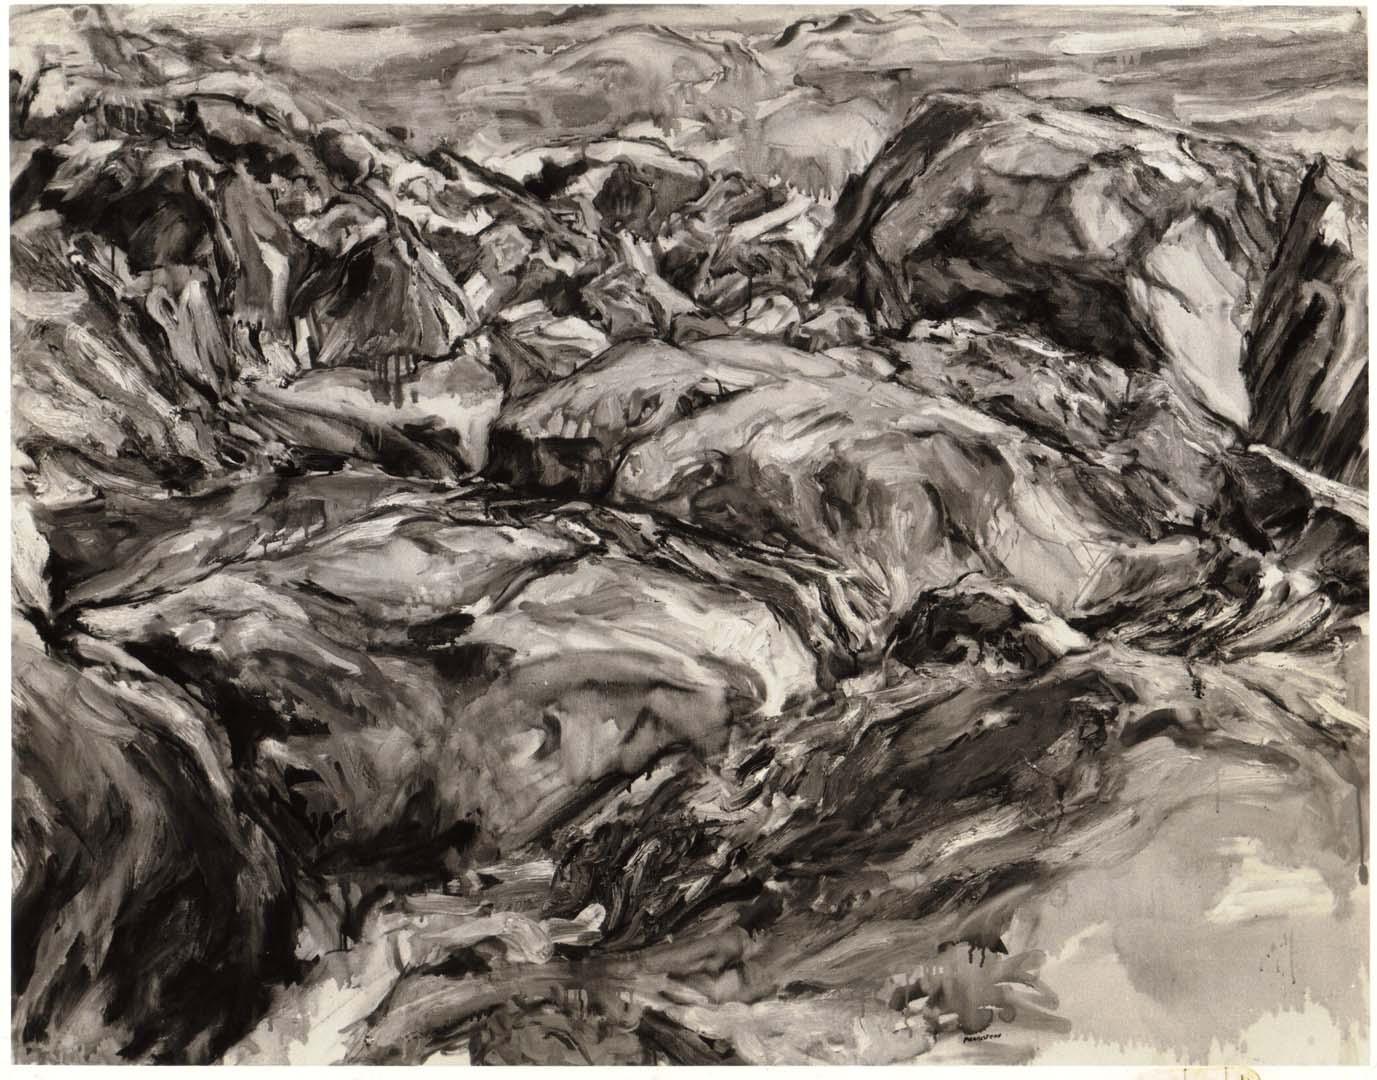 1957 Seaside Rocks Oil on Canvas 40 x 52